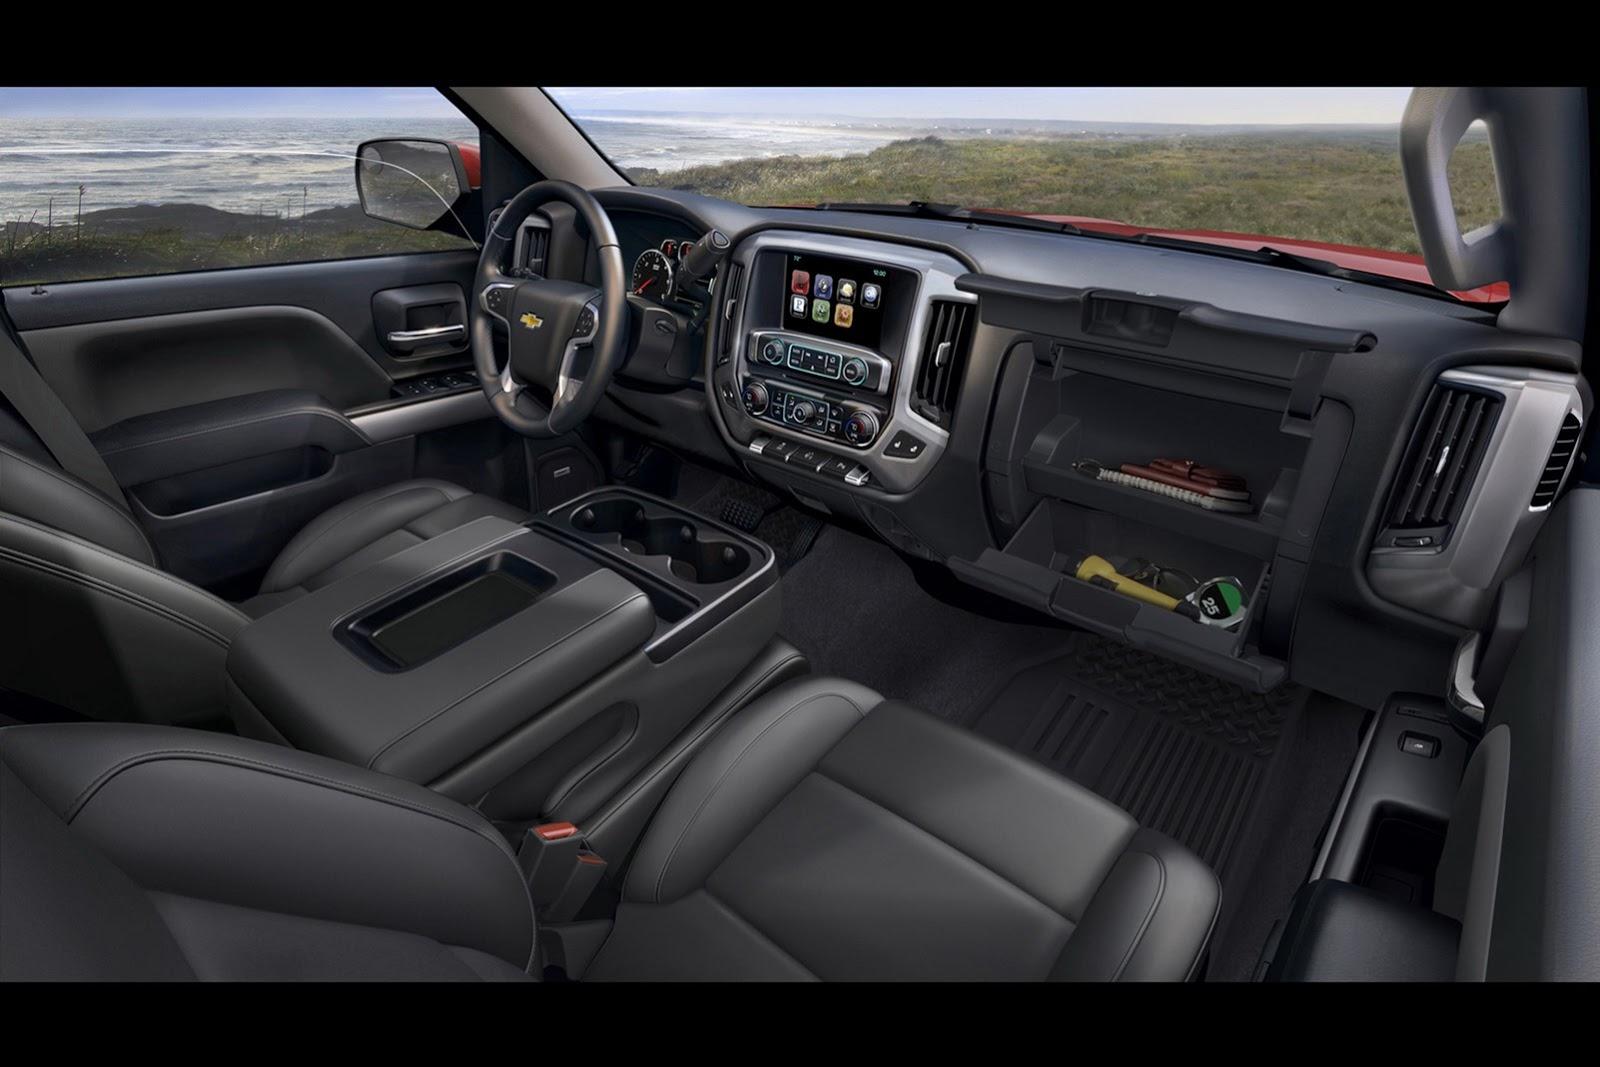 2014 Chevrolet Silverado 2014 Chevrolet Silverado ...